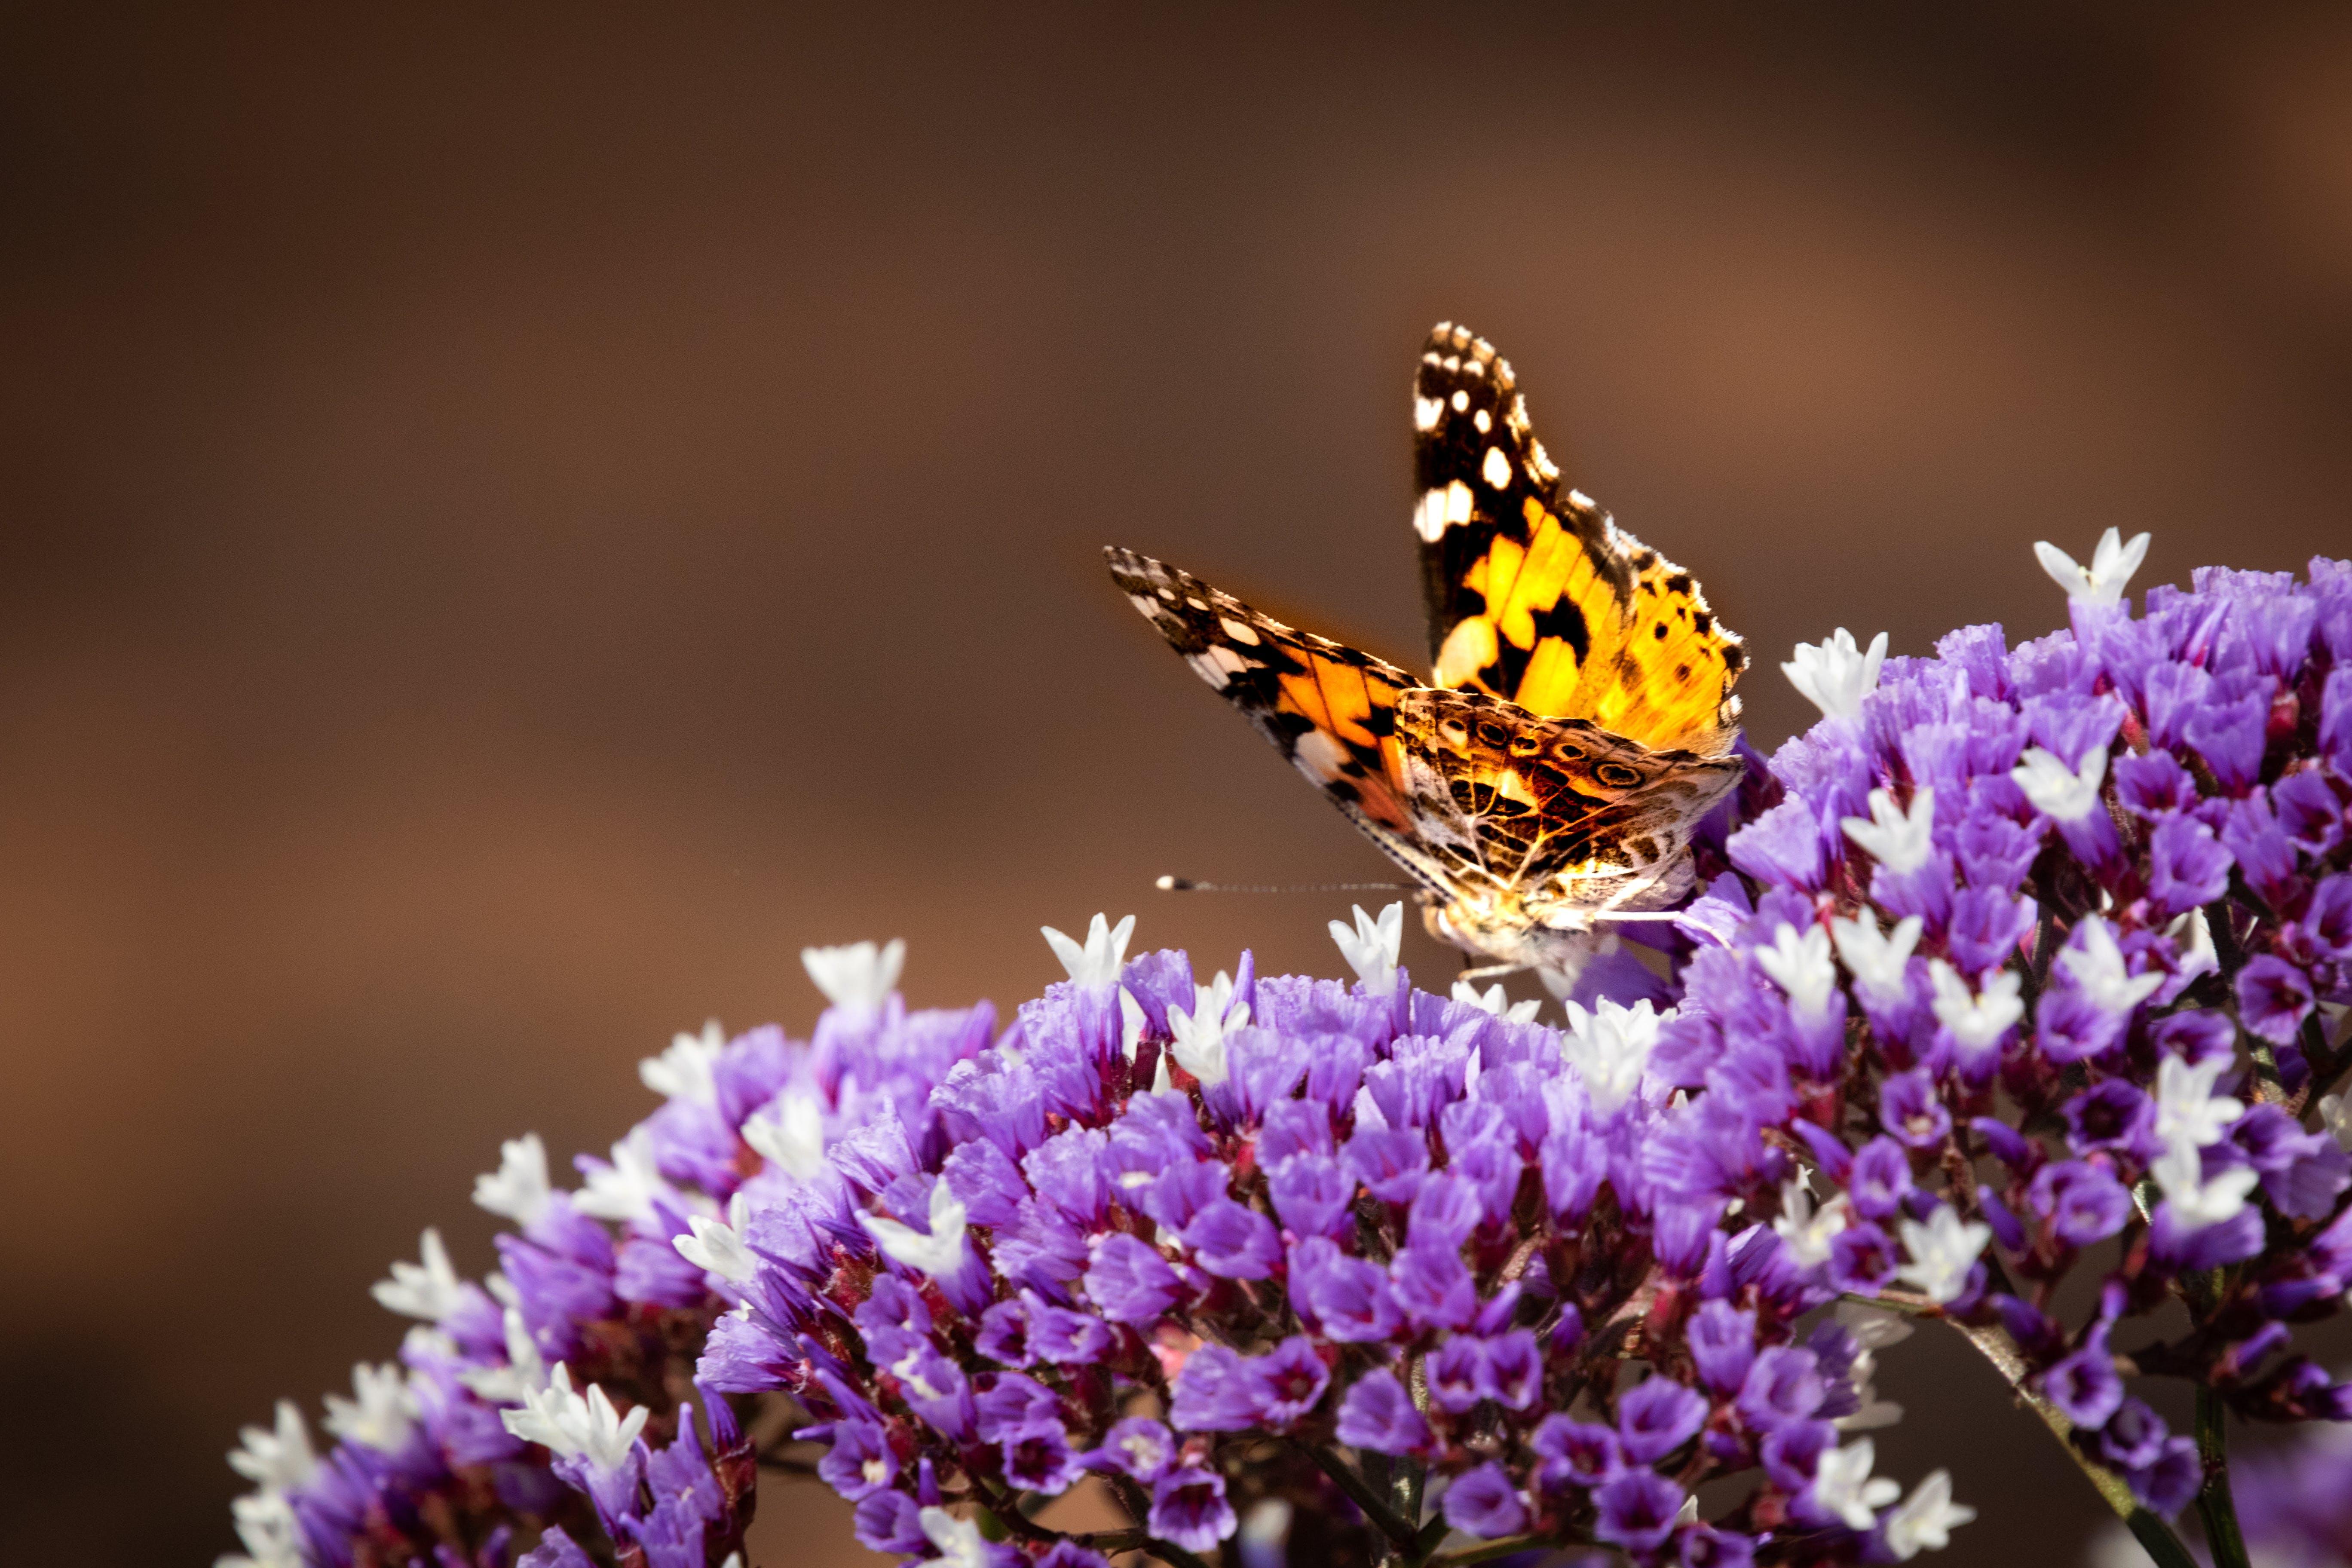 Free stock photo of summer, garden, animals, flower